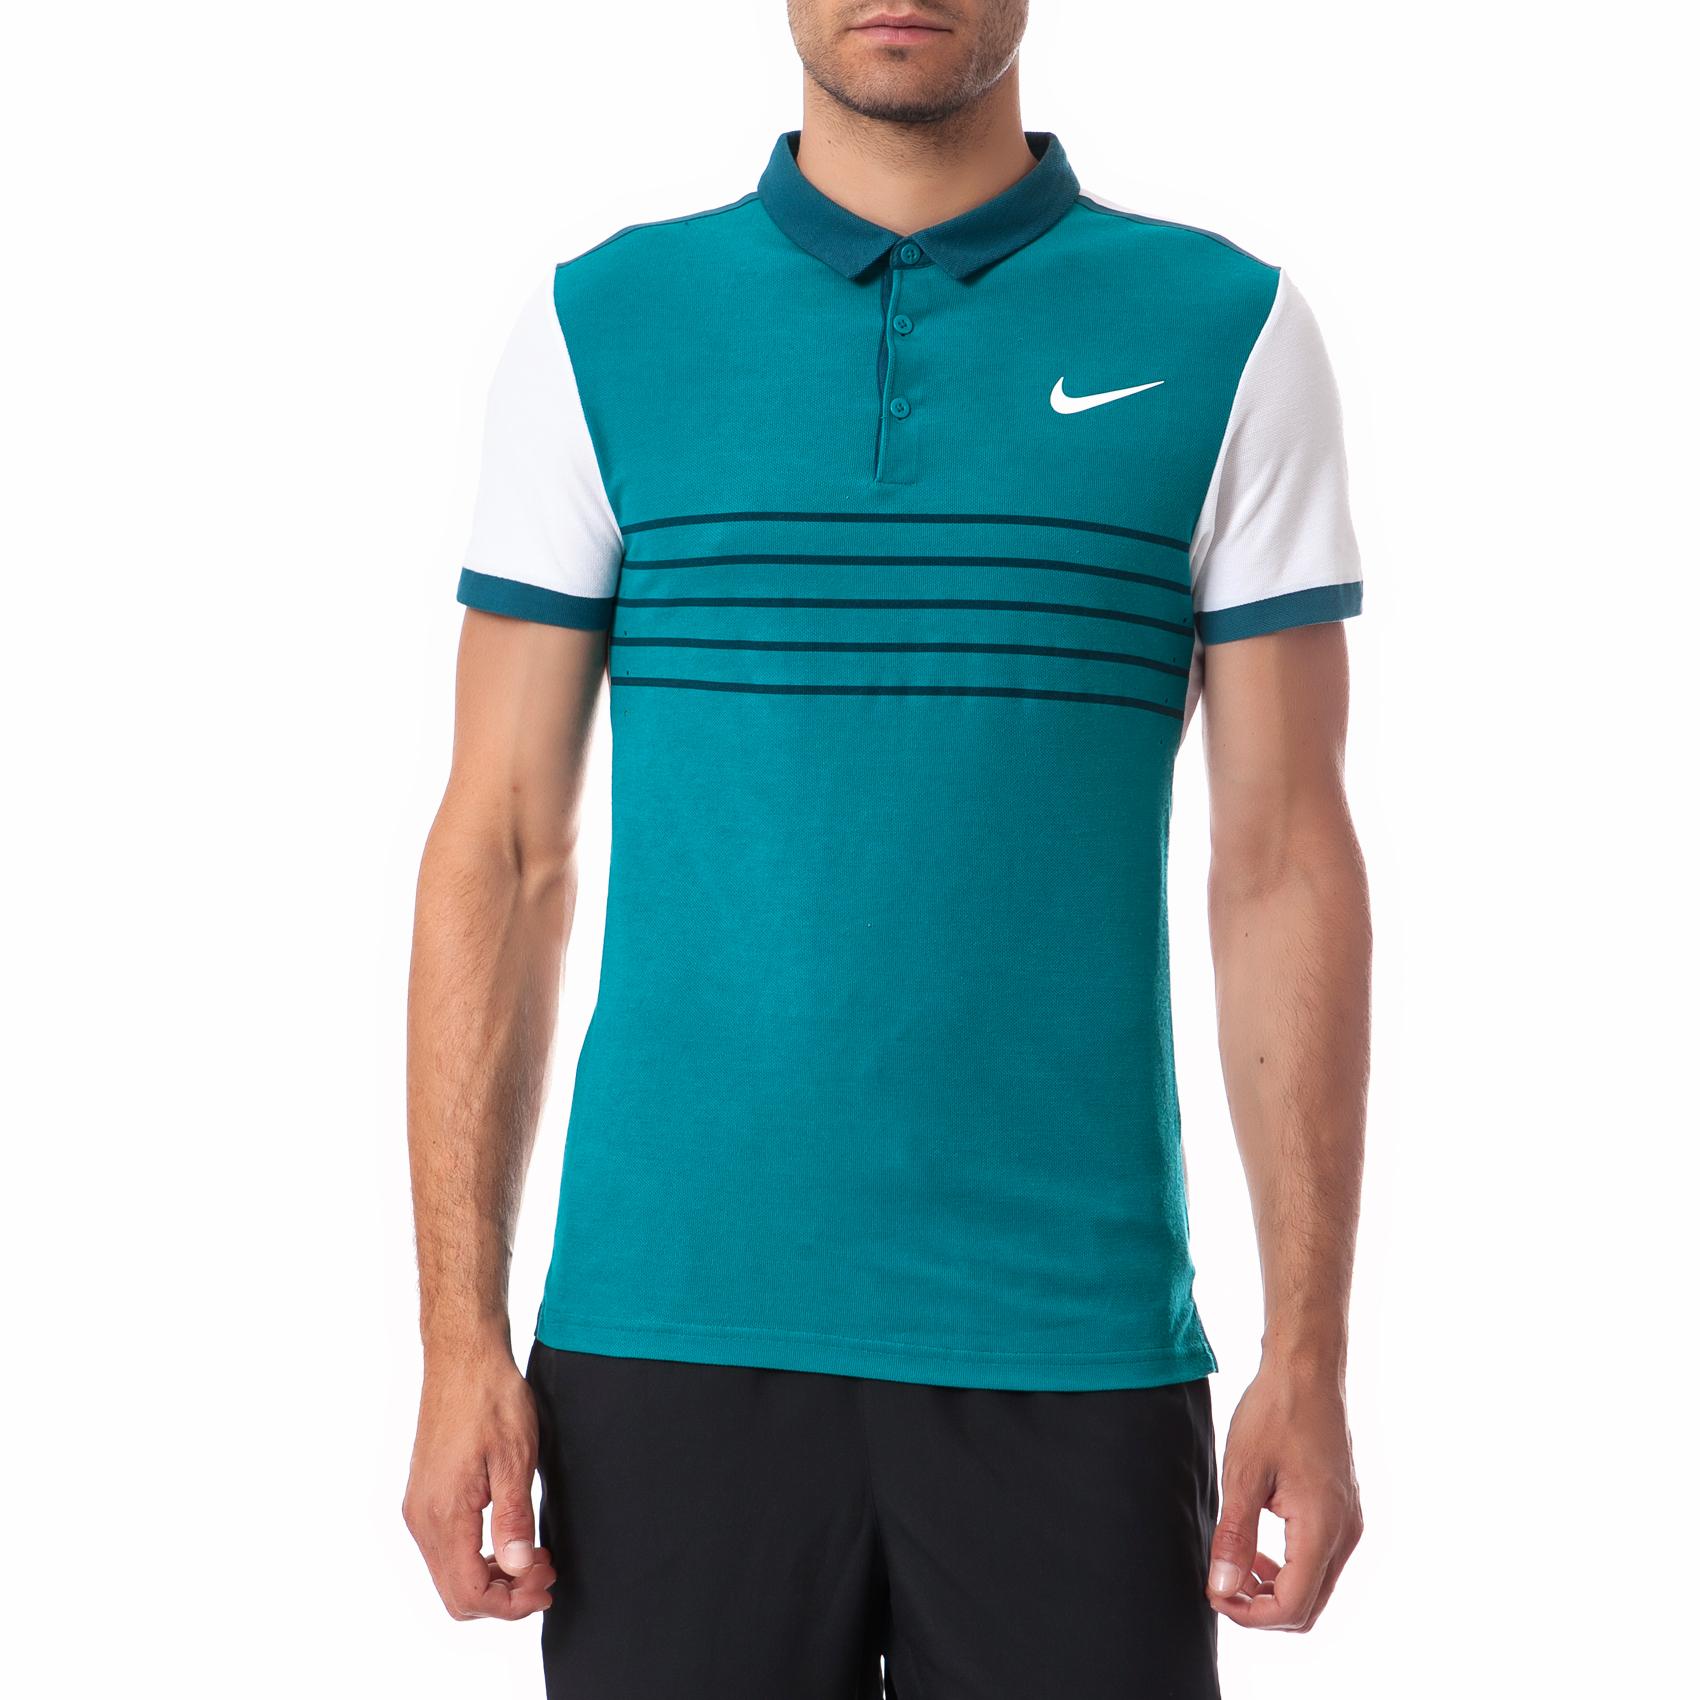 NIKE - Ανδρική μπλούζα Nike πράσινη